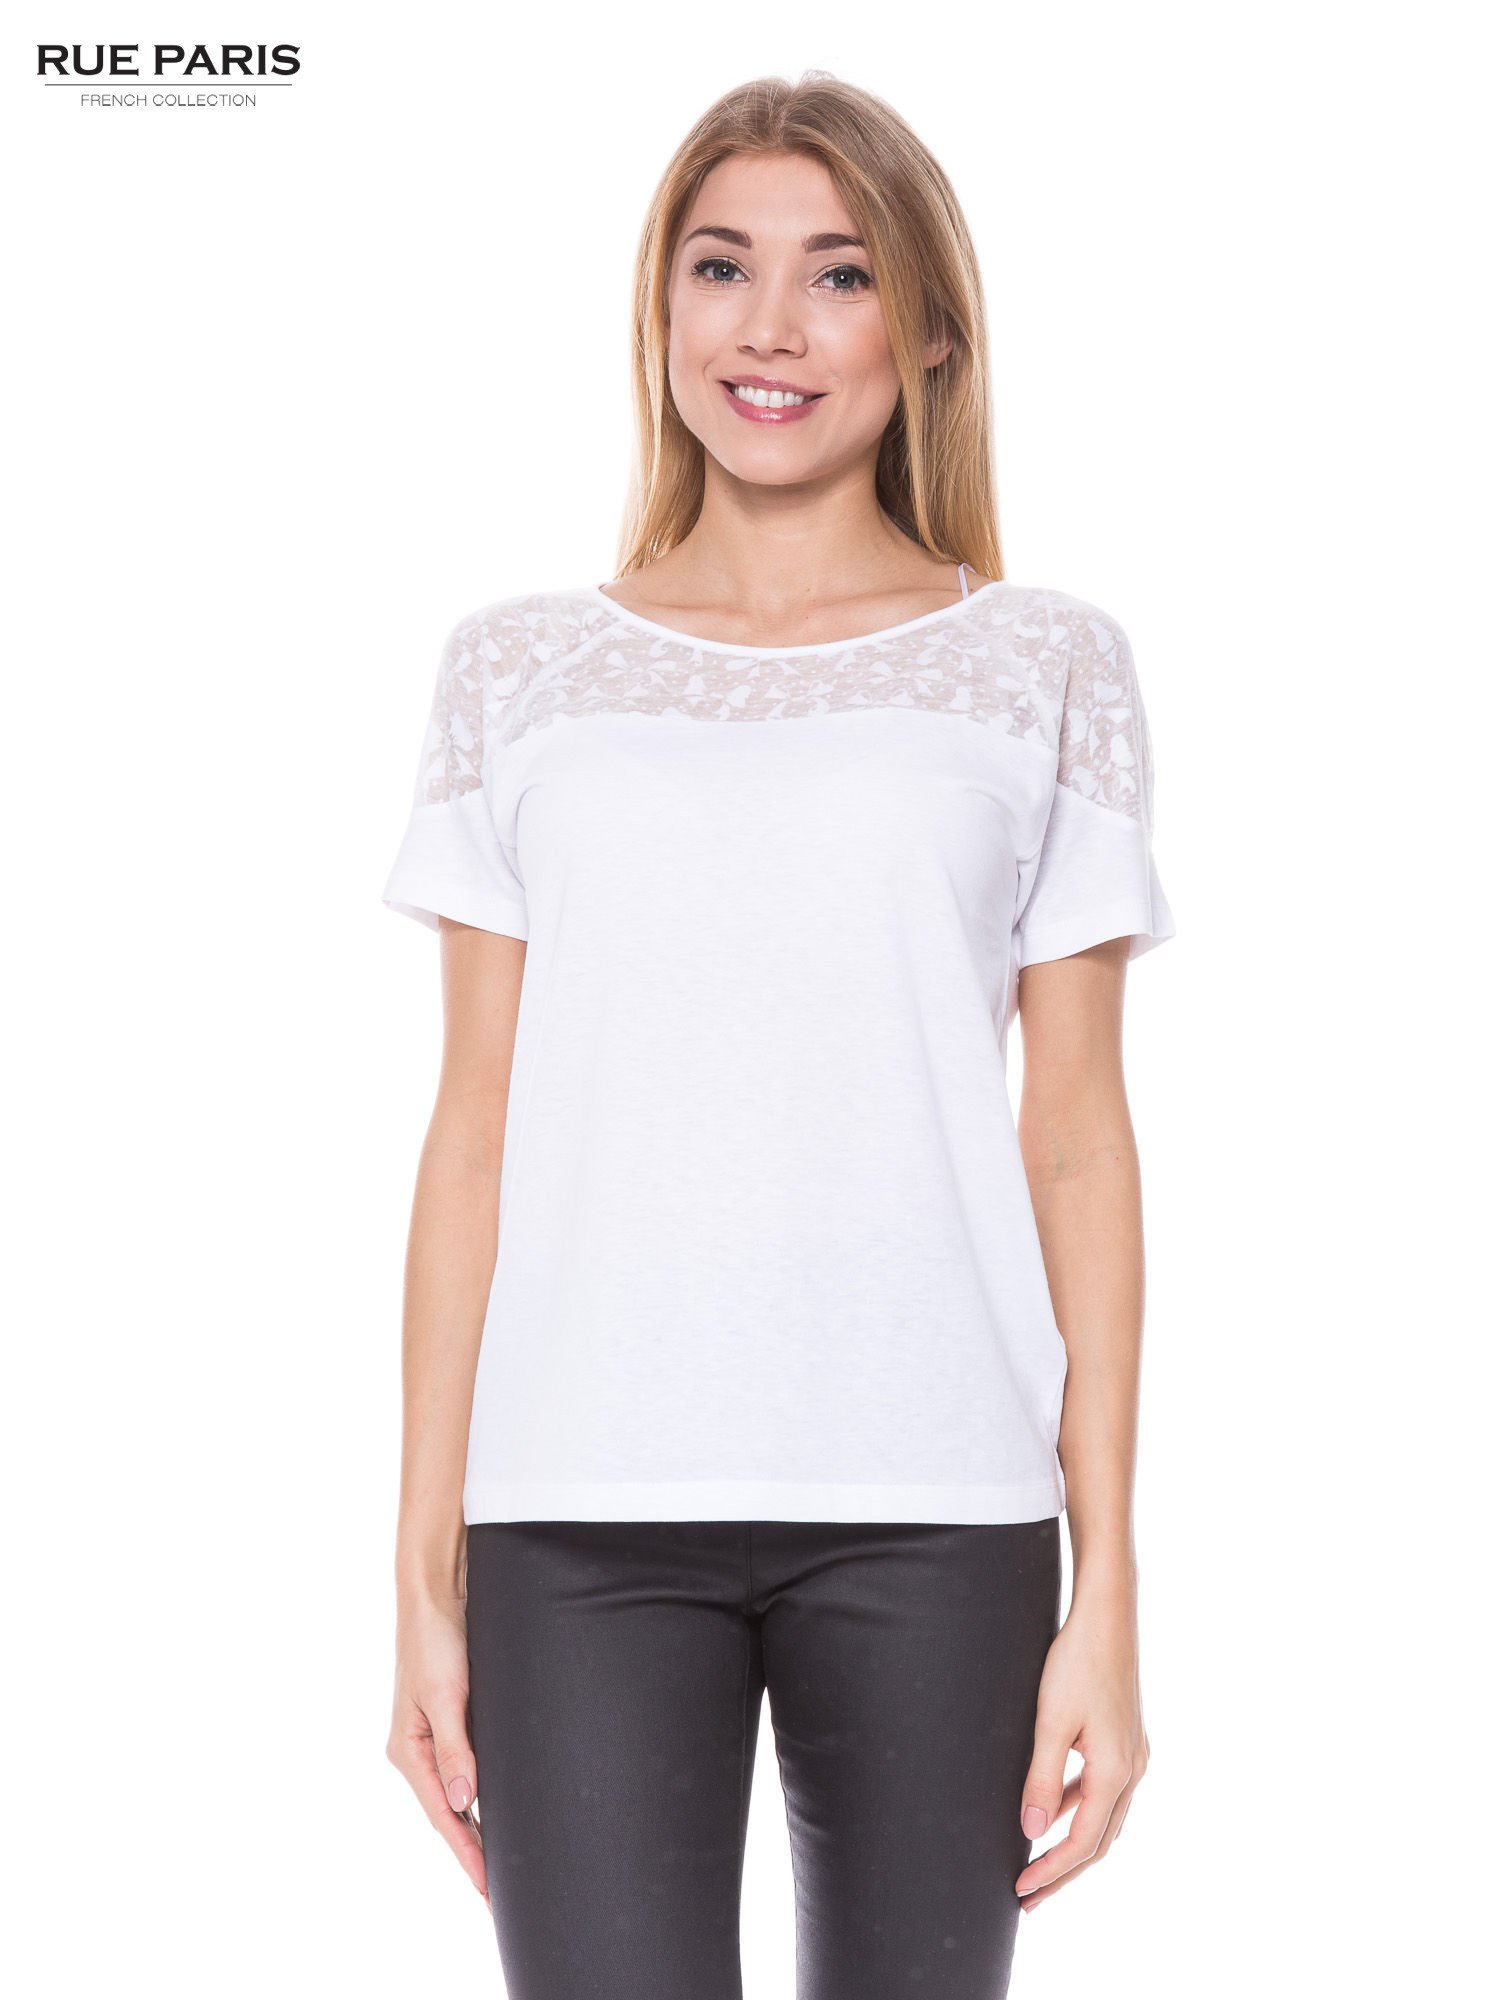 Biały t-shirt z transparentną górą w kokardki                                  zdj.                                  1